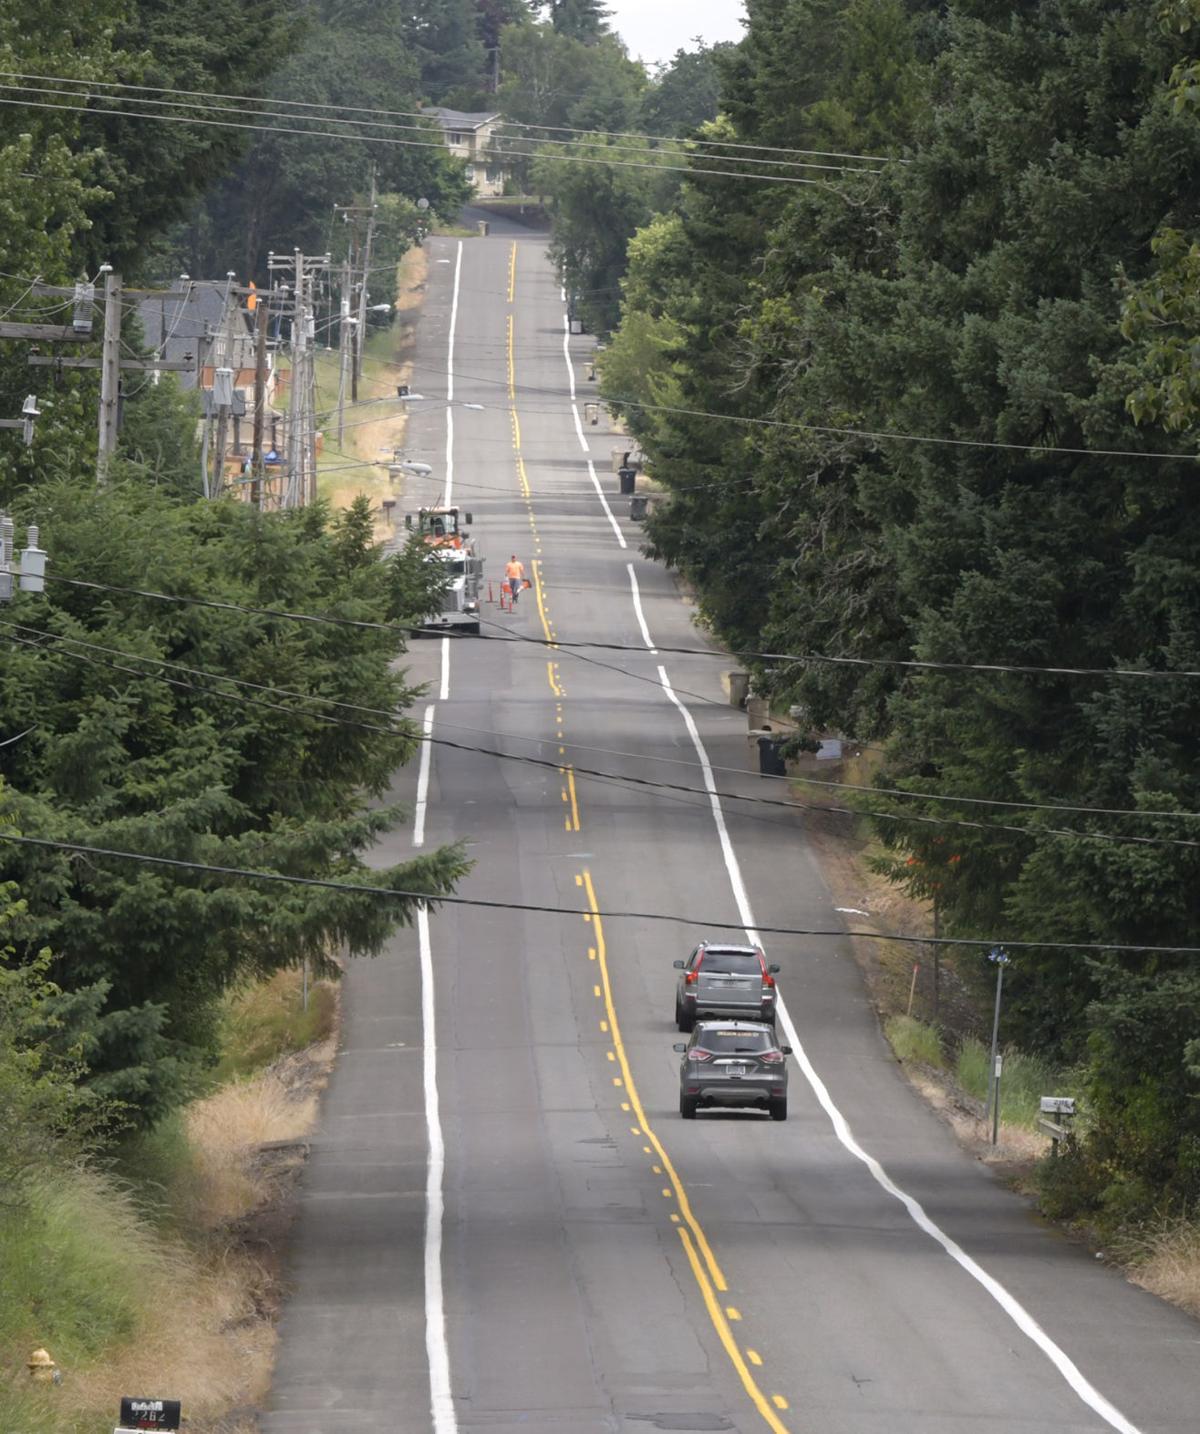 061017-adh-nws-Crocker Lane-dp.jpg